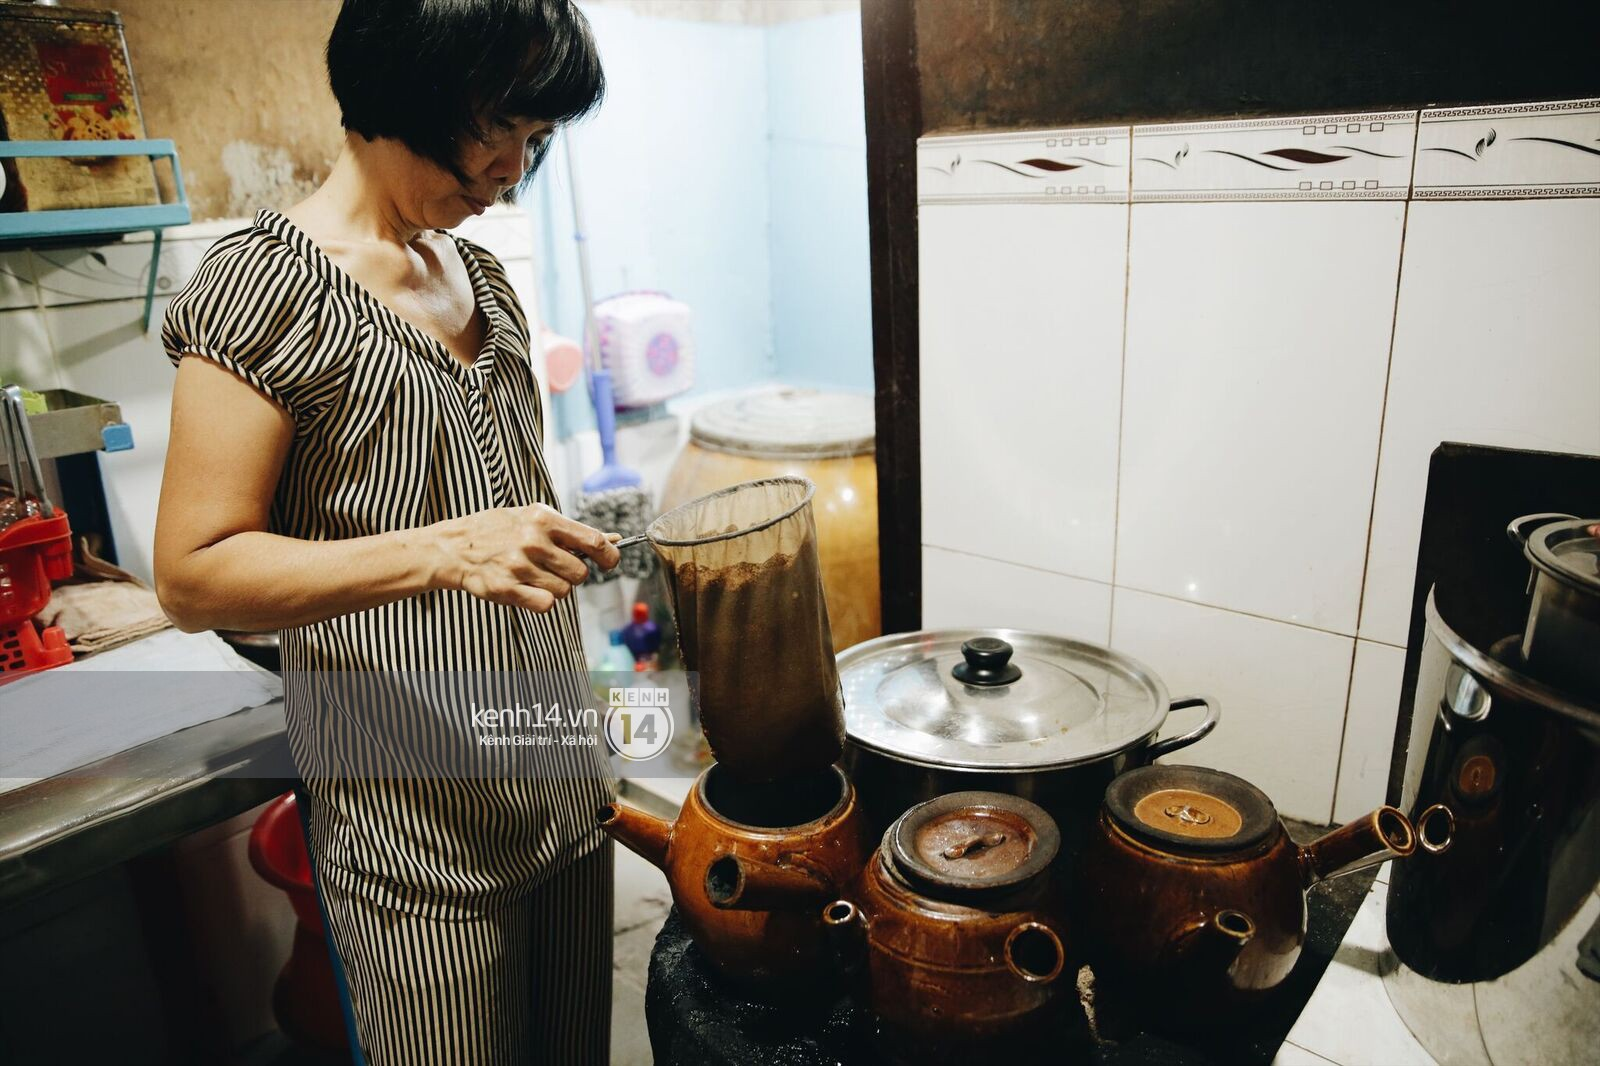 Không khí nhộn nhịp ngày đầu năm tại quán cafe vợt lâu đời nhất Sài Gòn, gần 80 năm chỉ nghỉ đúng ngày 30 Tết - Ảnh 10.